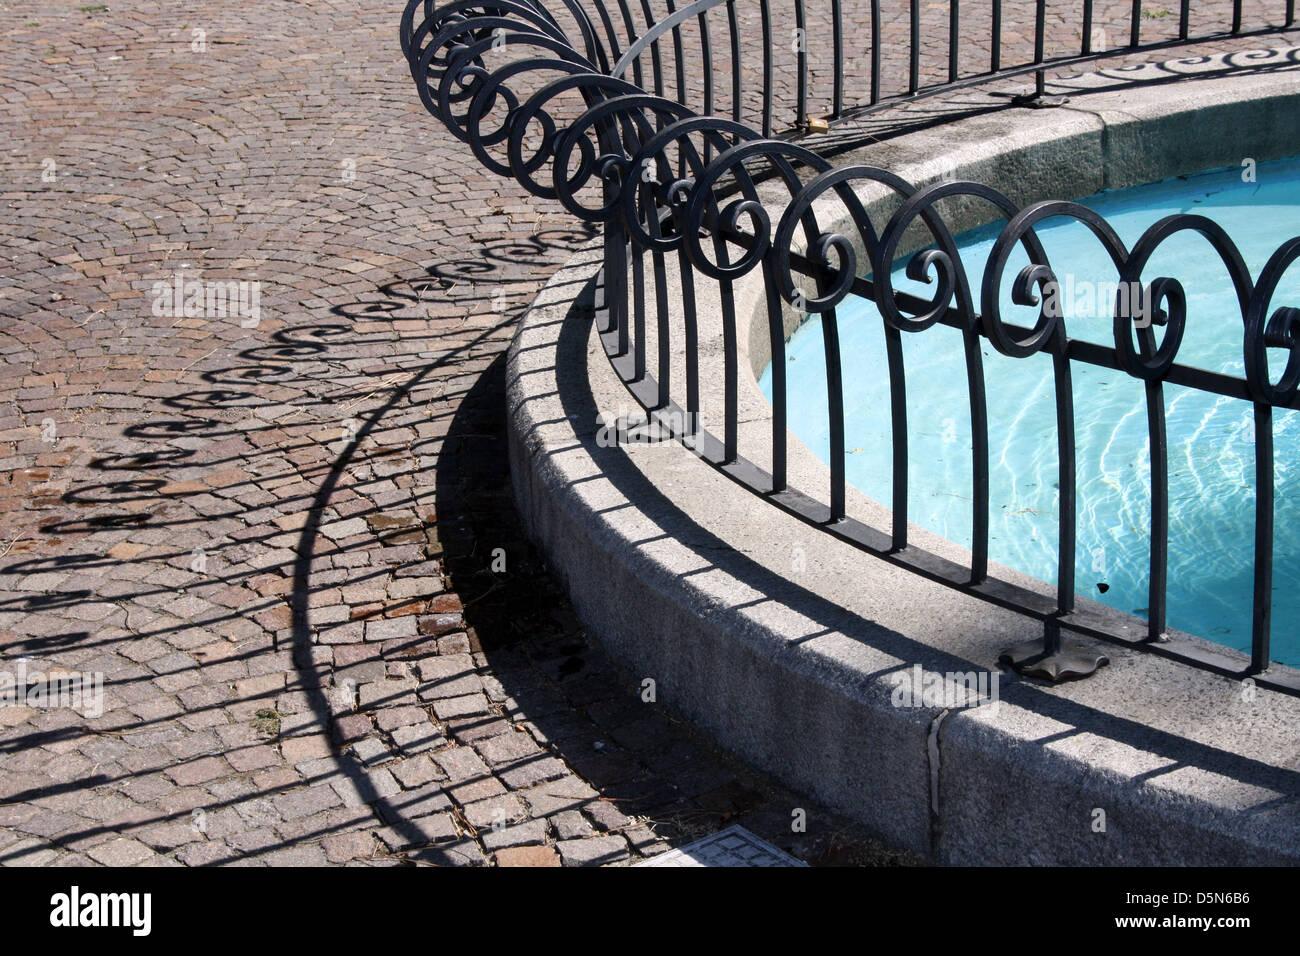 Circular Railings For Fountain. Architectural & Garden Yard, Garden & Outdoor Living